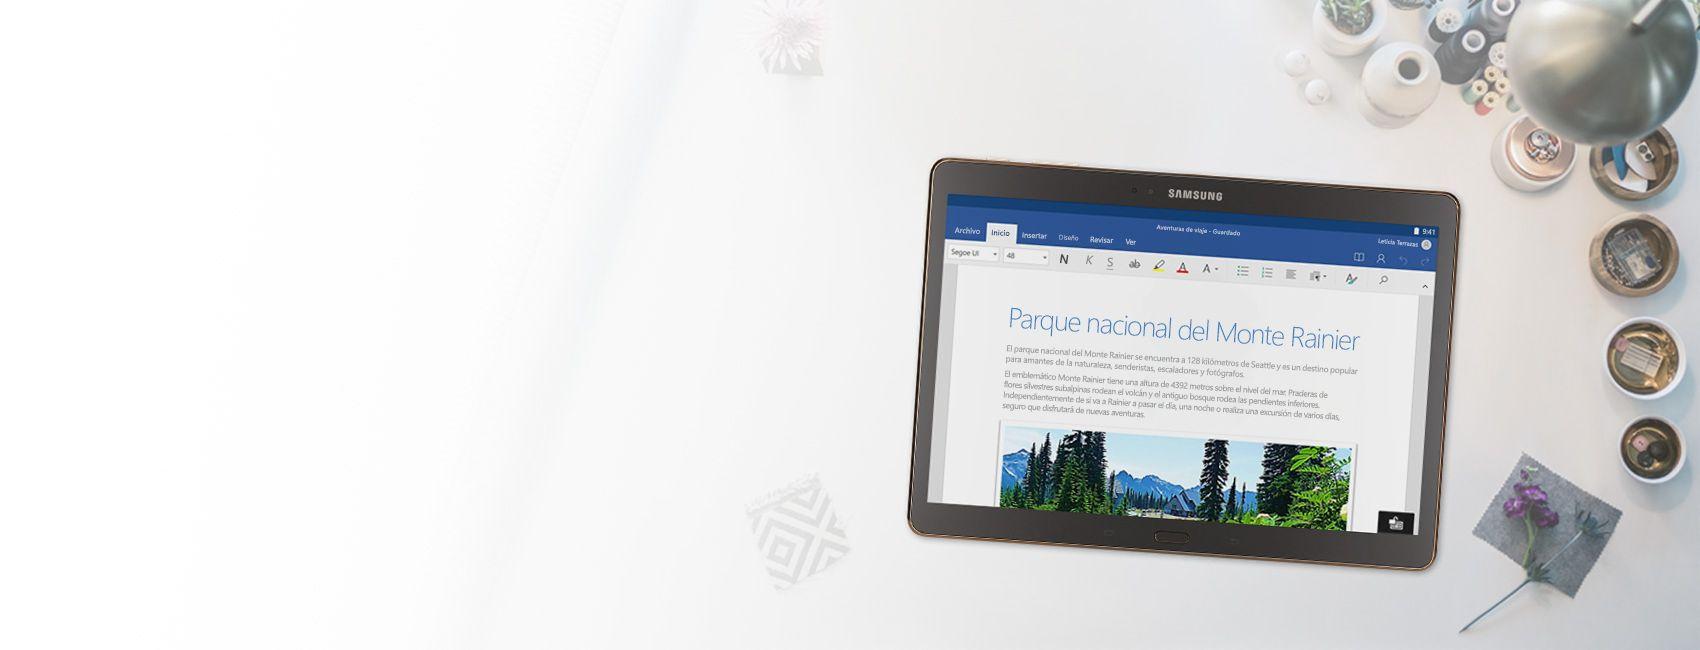 Una tableta en la que se muestra un documento sobre el Parque Nacional del Monte Rainier